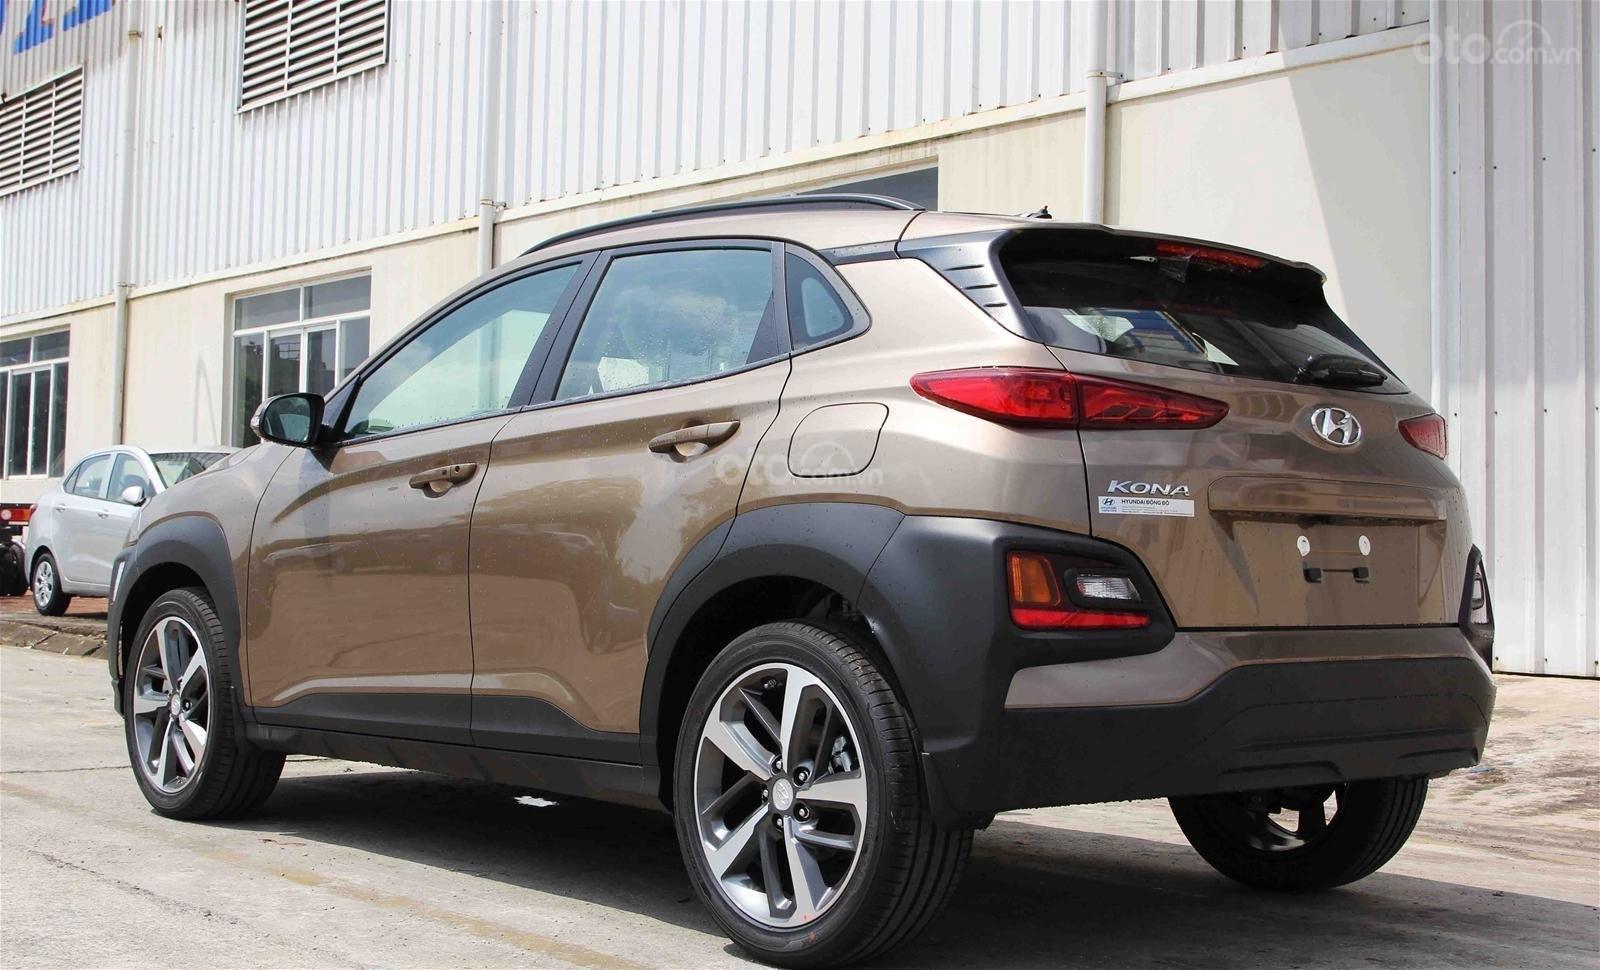 Ưu đãi đến 20 triệu - Hyundai Kona 2019 giao ngay, liên hệ, hotline kinh doanh 0968262076 (3)